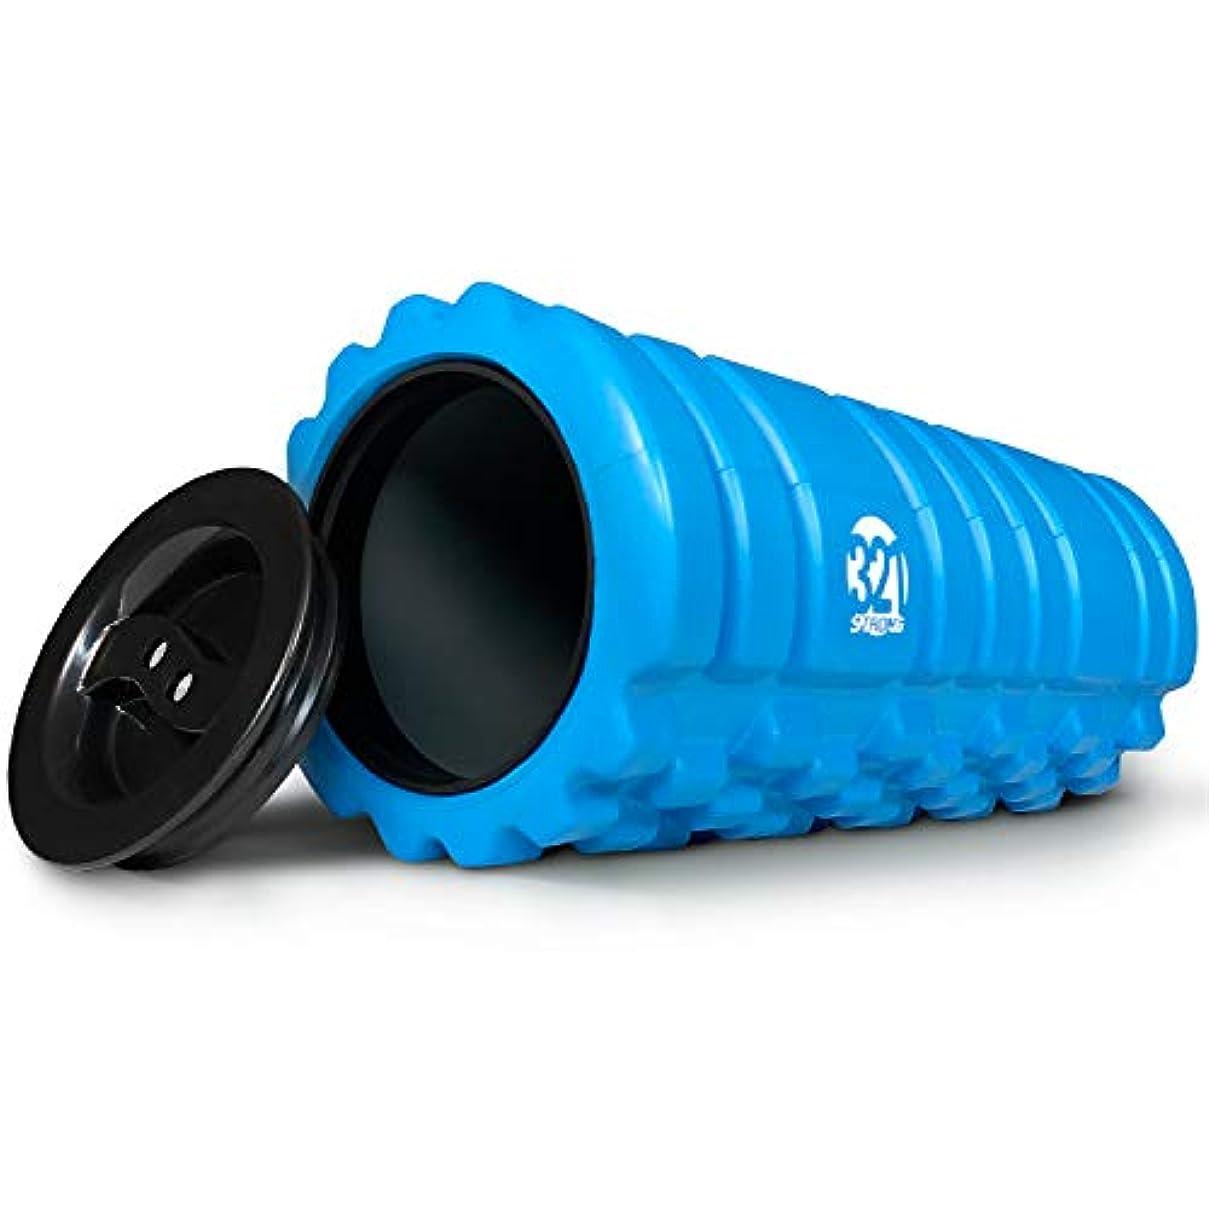 ヘクタール工夫する歩き回る321 強化フォームローラー 筋肉マッサージ用 エンドキャップ付き 鍵 タオル その他のアクセサリーの収納に ブラック レッド ブルー ピンク